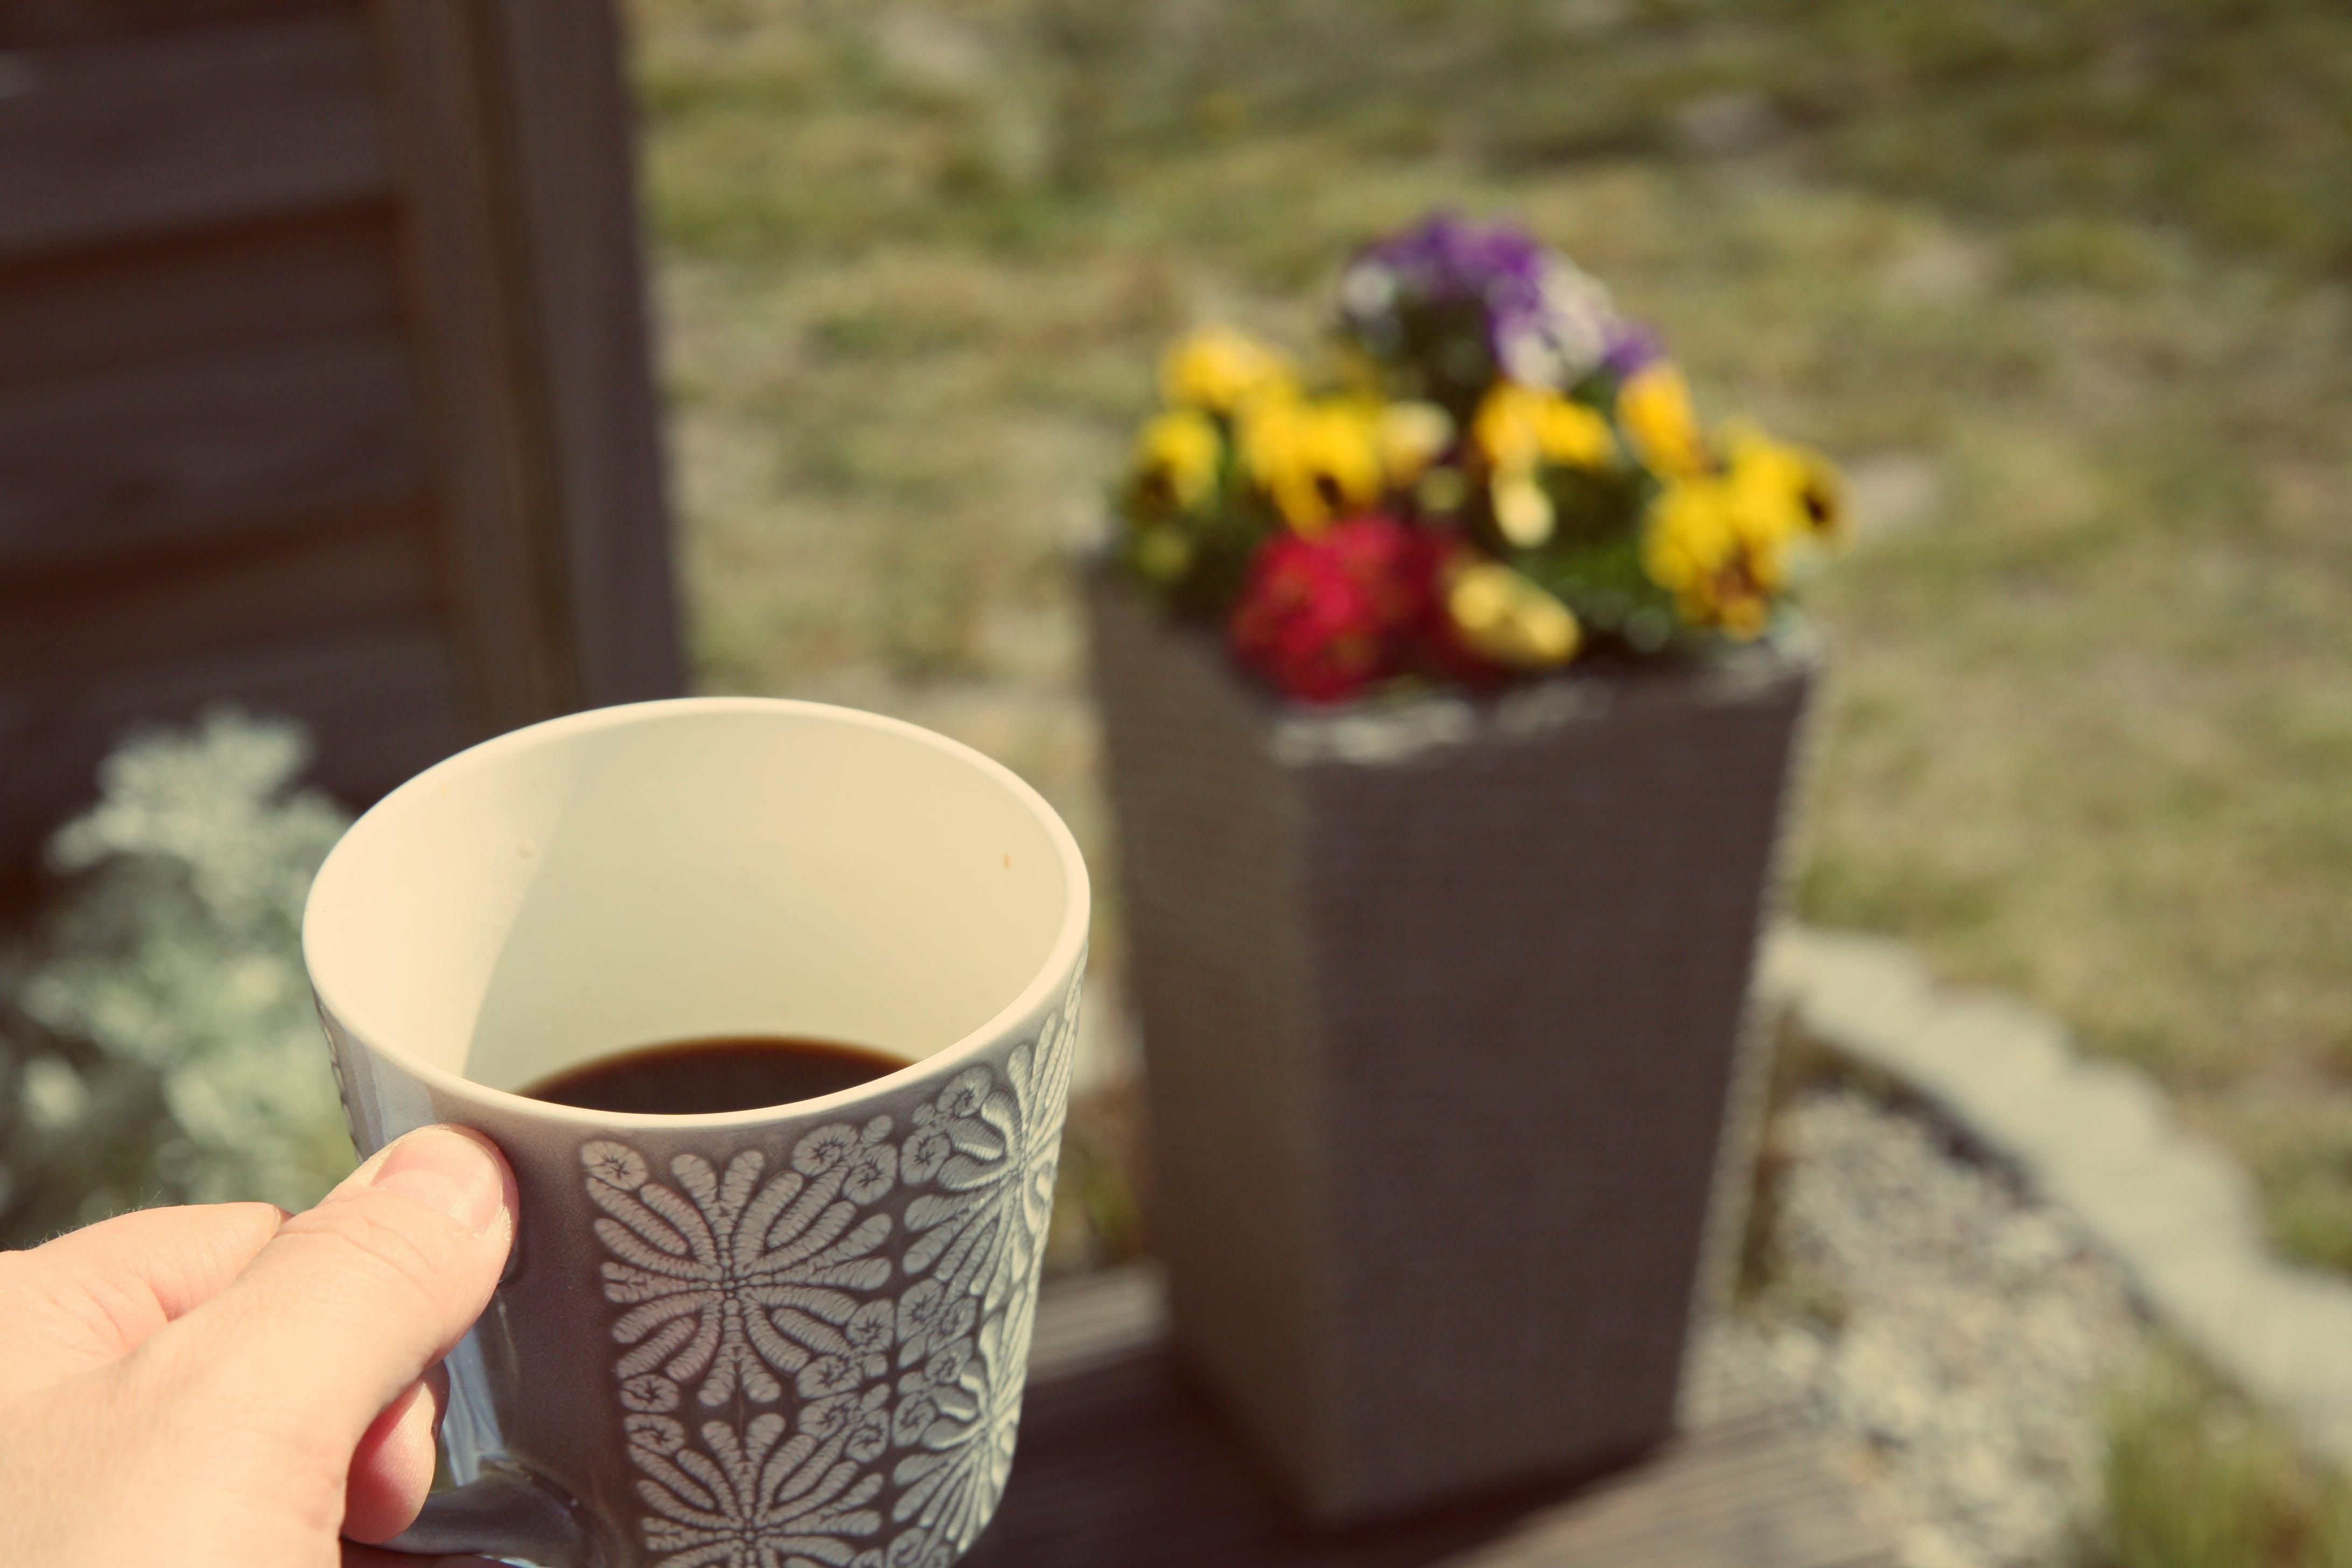 Imagine de stoc gratuită din cafea neagră, cană, cană de cafea, coffe